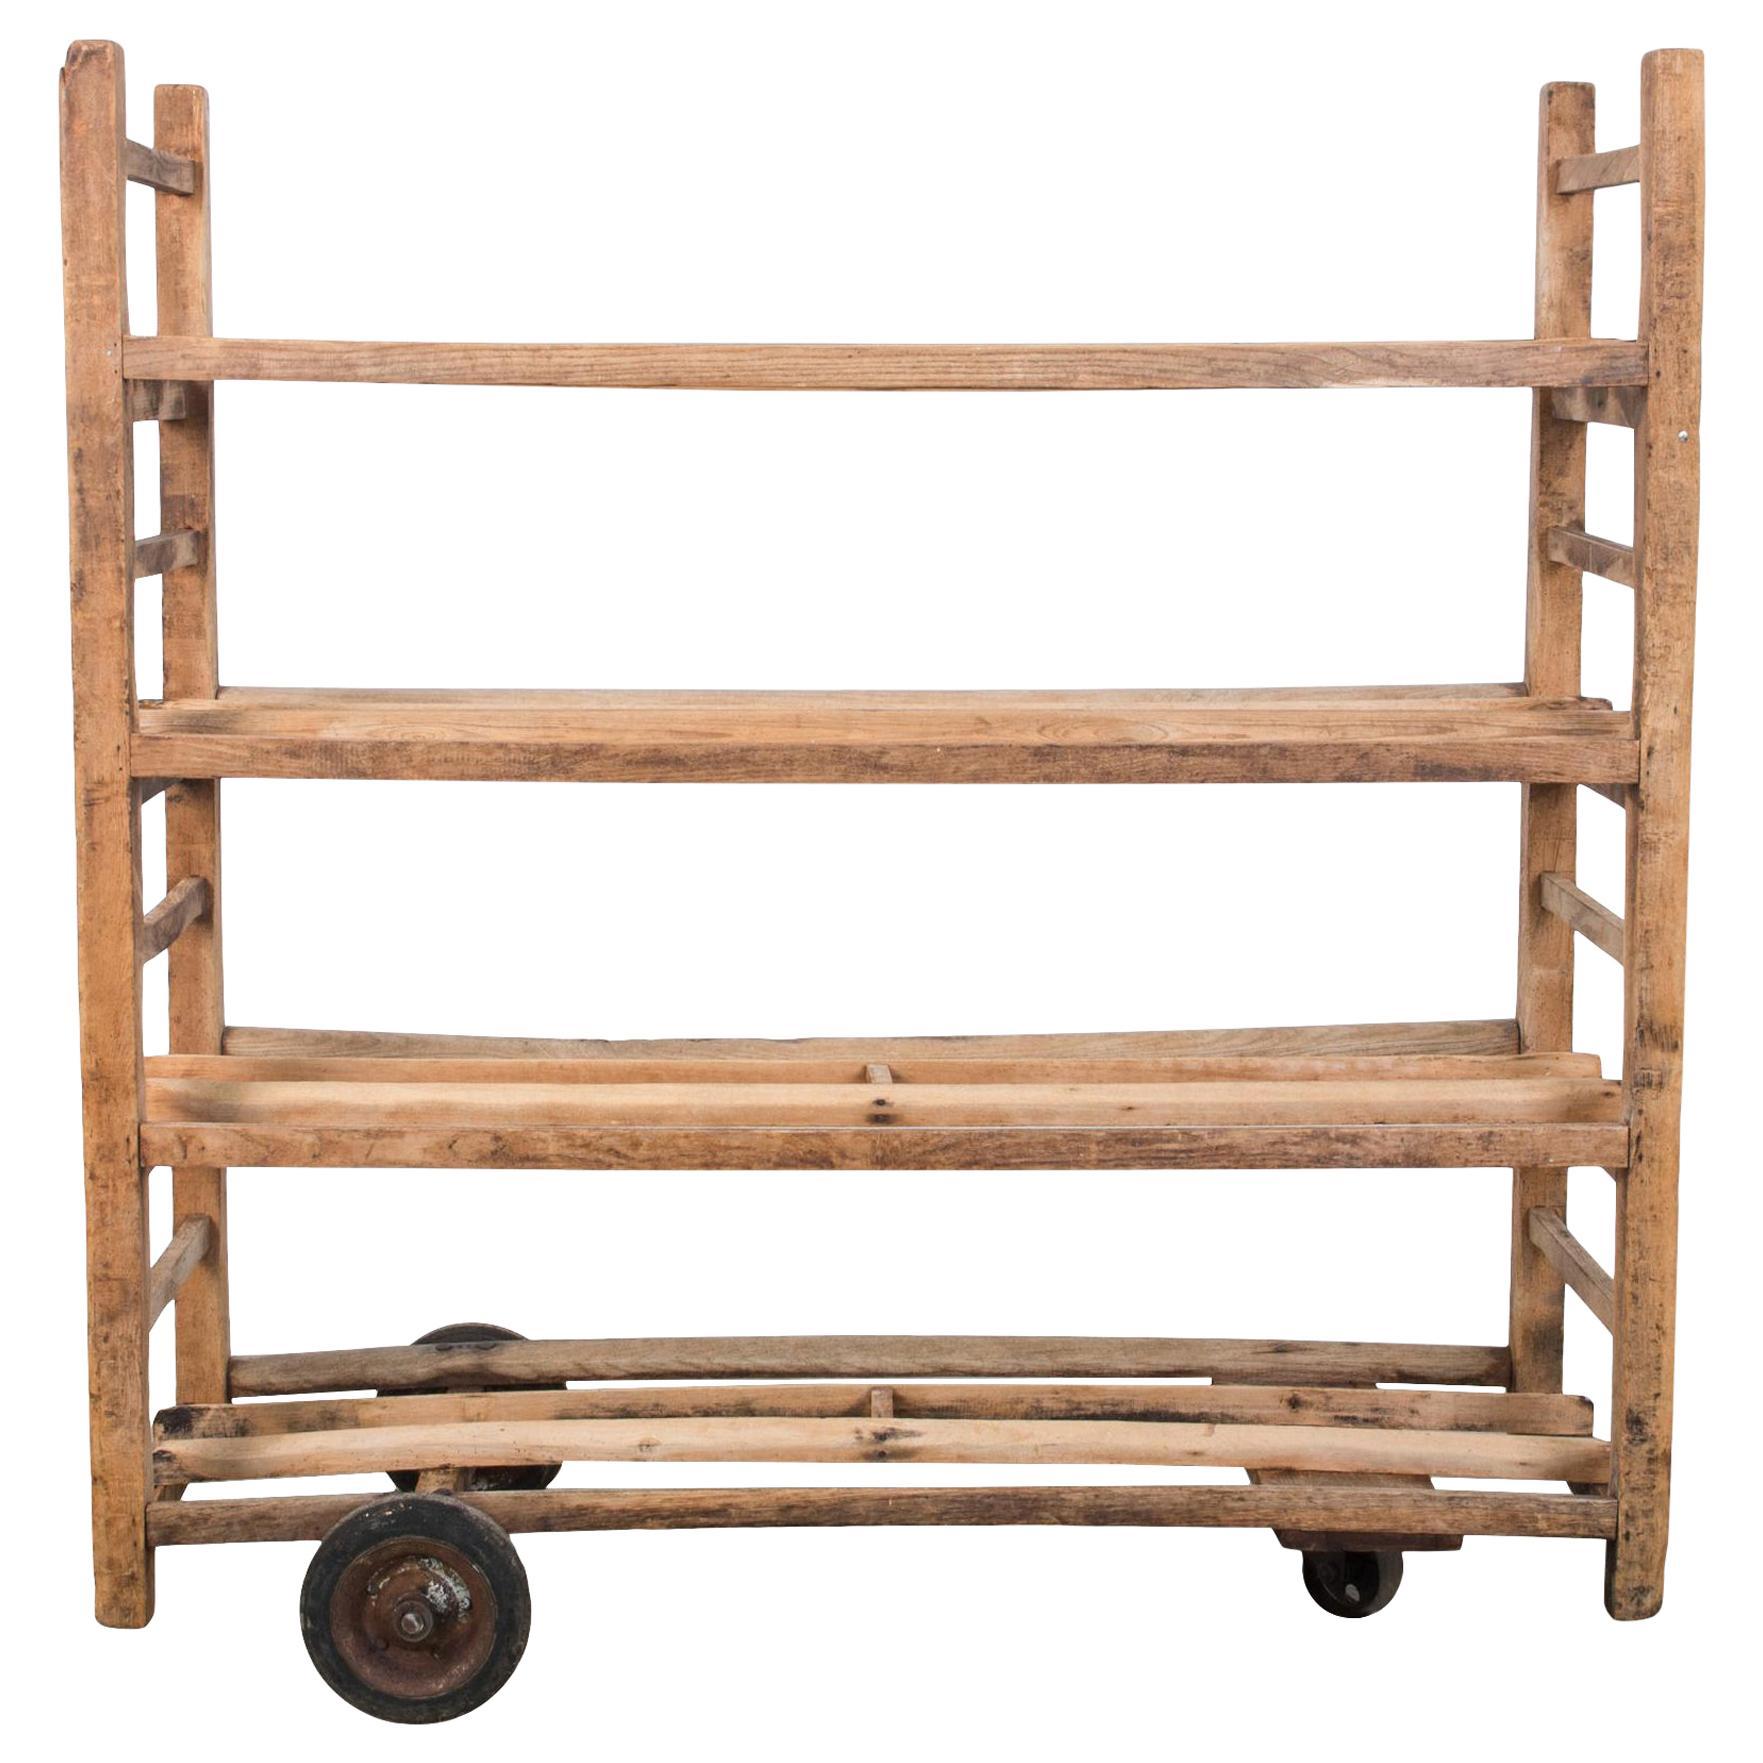 1930s Wooden Bread Trolley